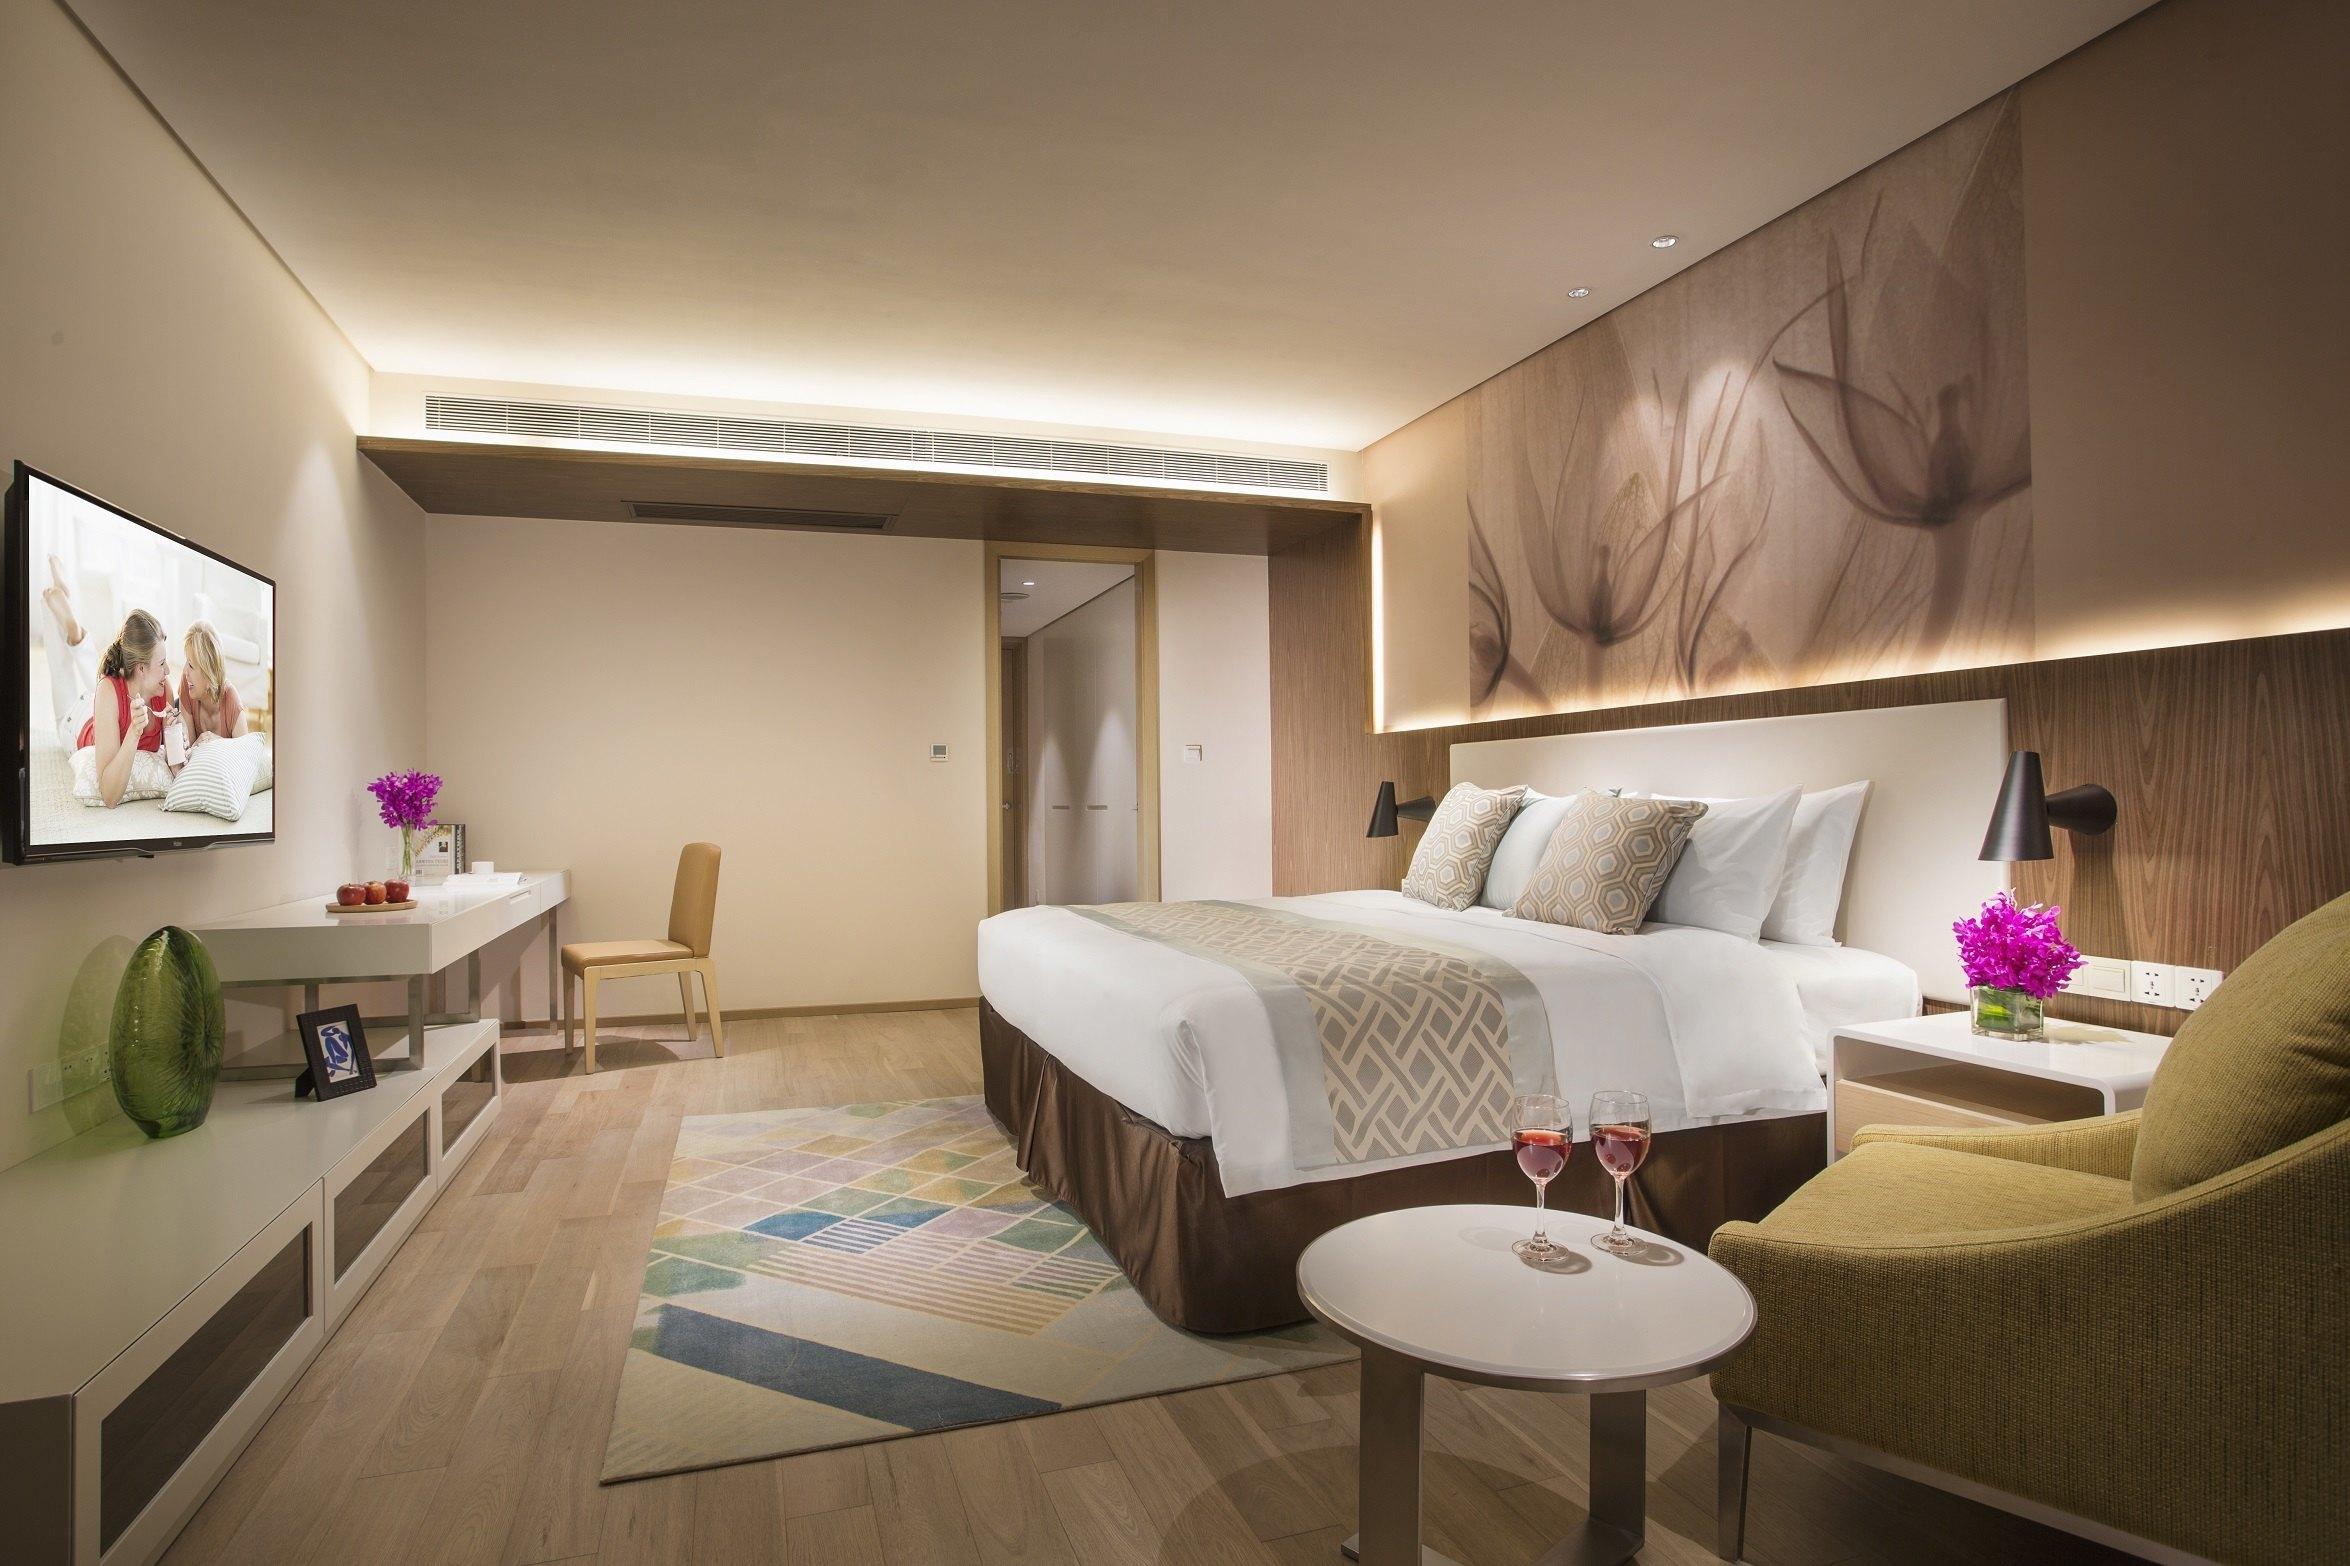 杭州馨乐庭银泰城-豪华一房式公寓